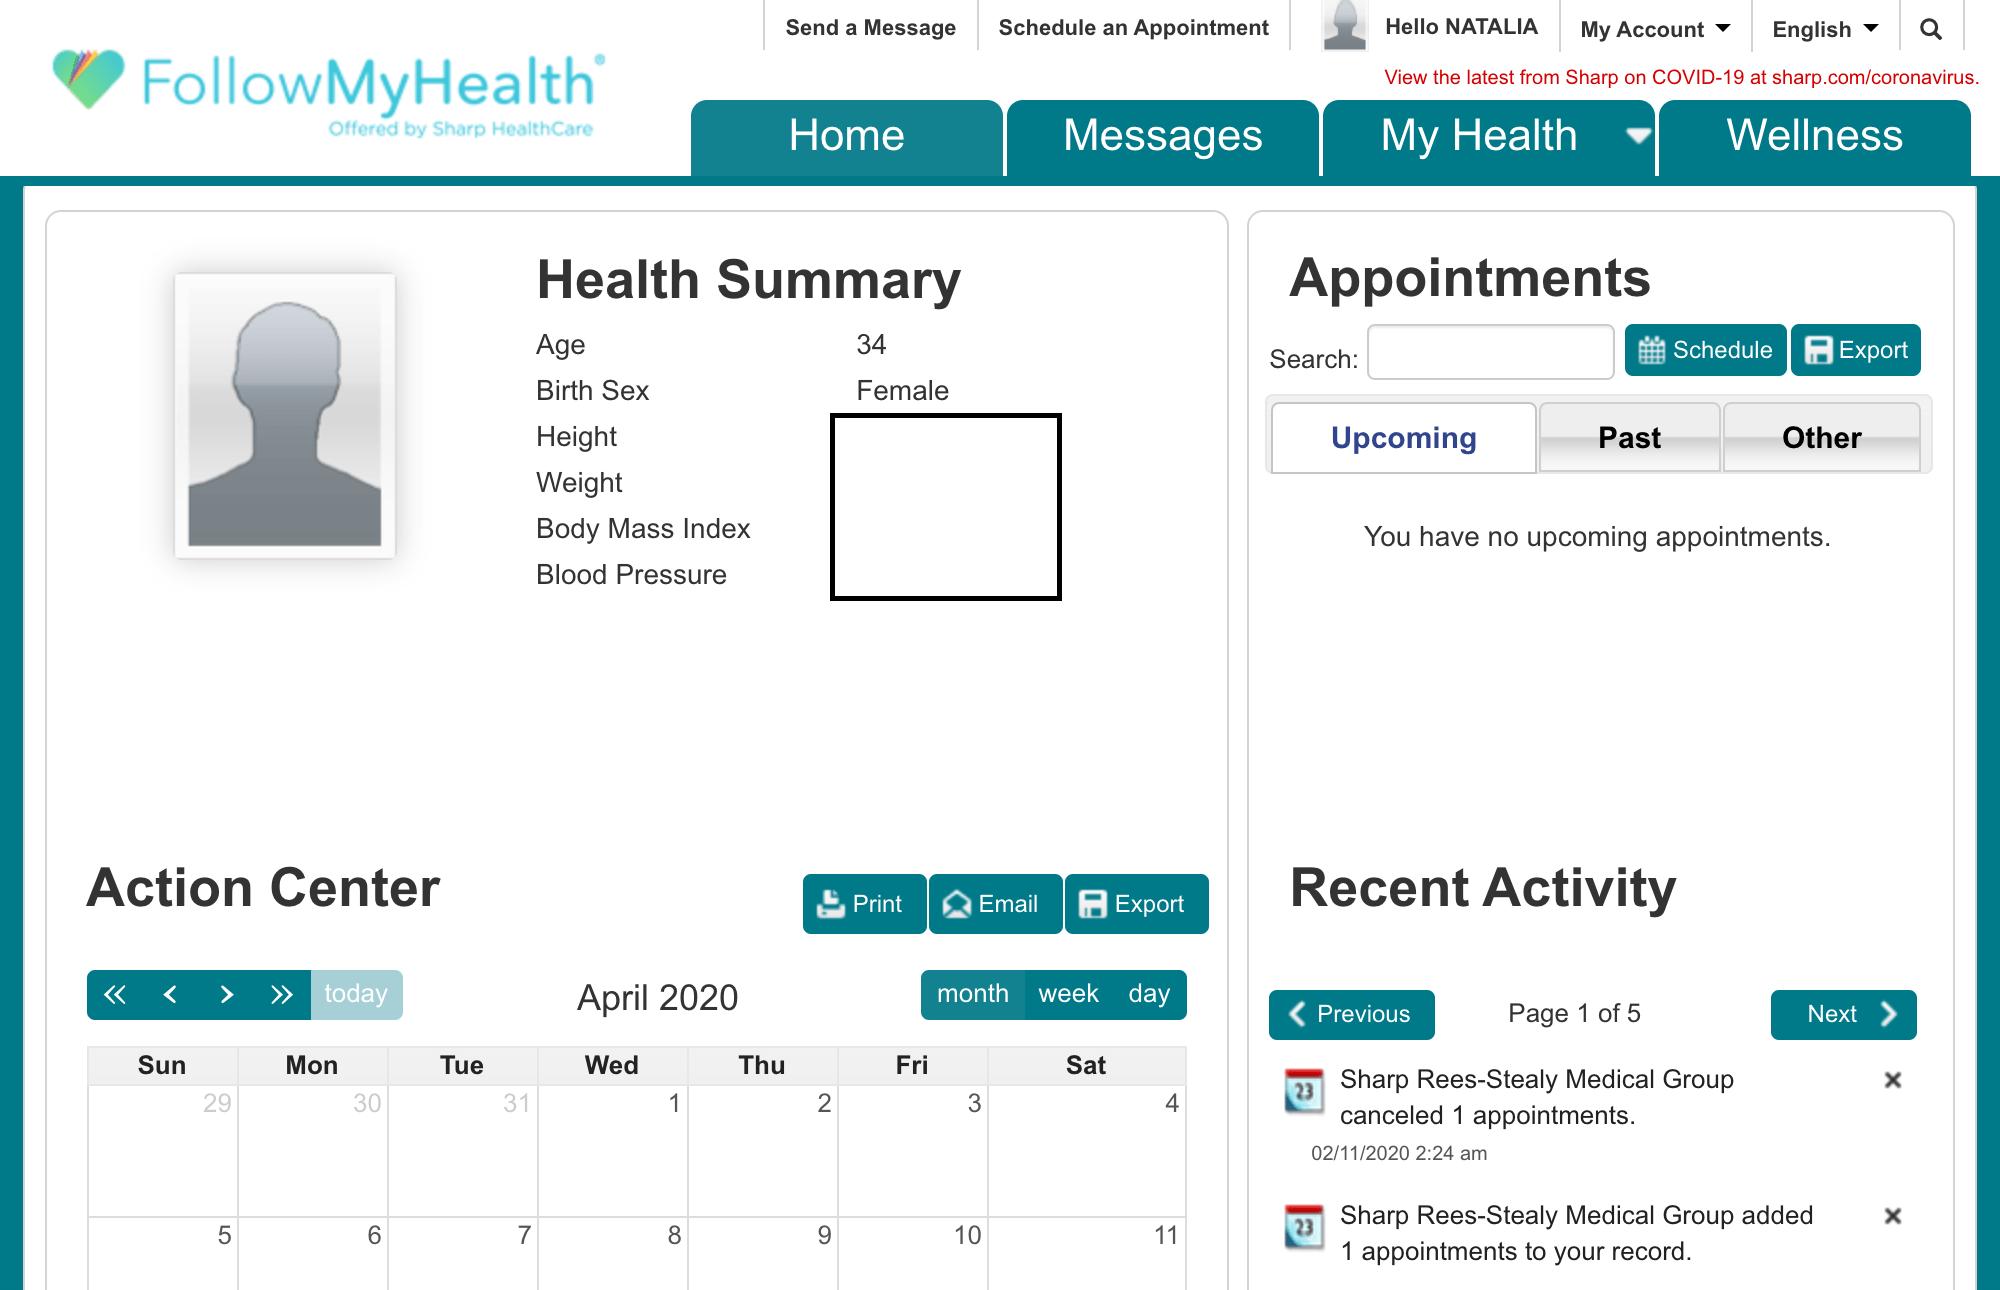 Личный кабинет клиники, где можно посмотреть анализы, написать письмо врачу или записаться на прием